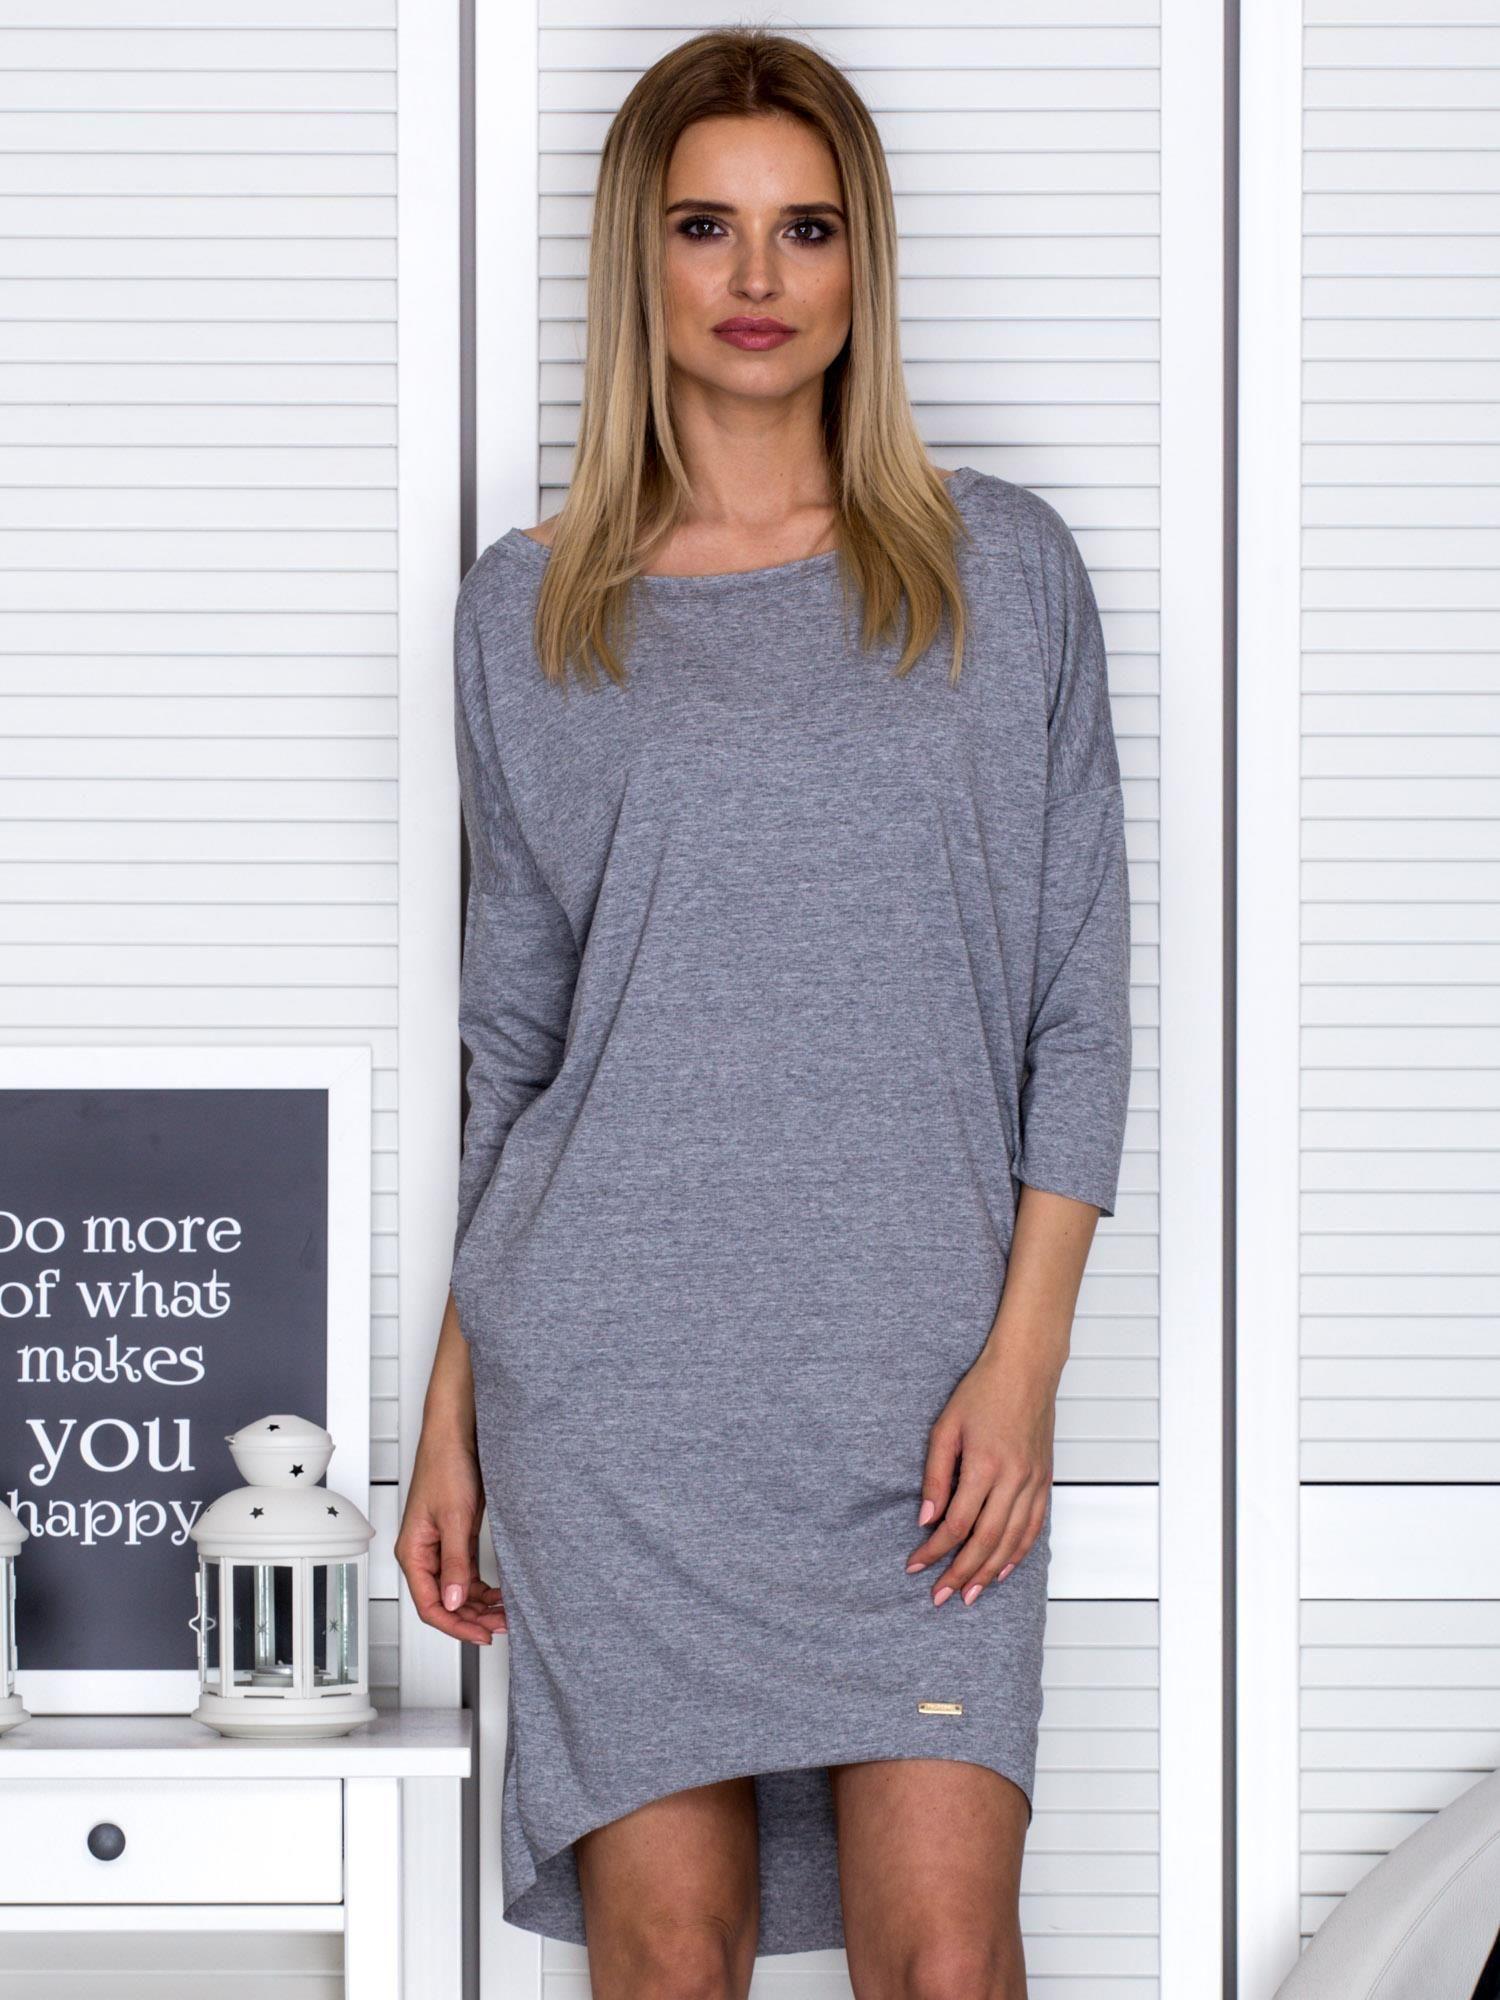 809e5364c9 Ciemnoszara sukienka o kroju oversize - Sukienka dzianinowa - sklep  eButik.pl